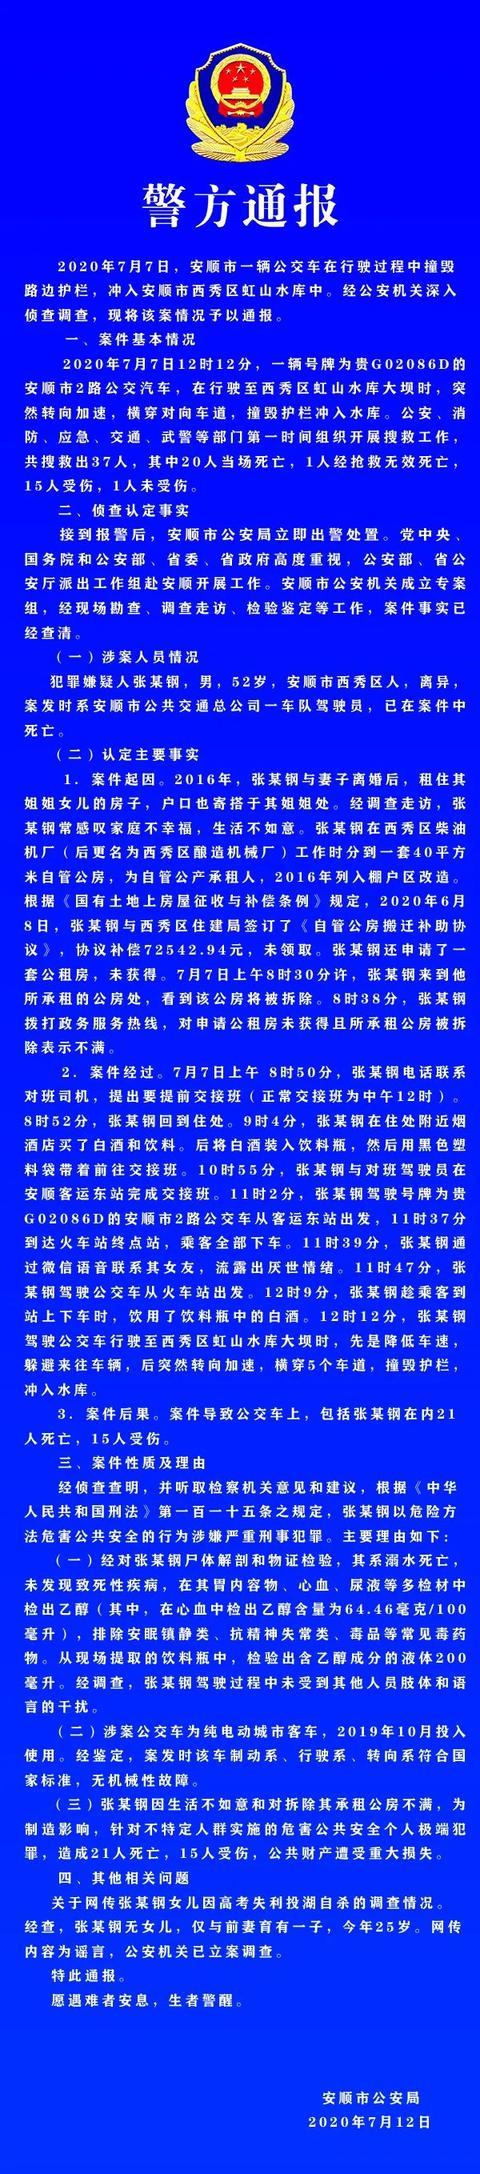 潇湘晨报今日图片